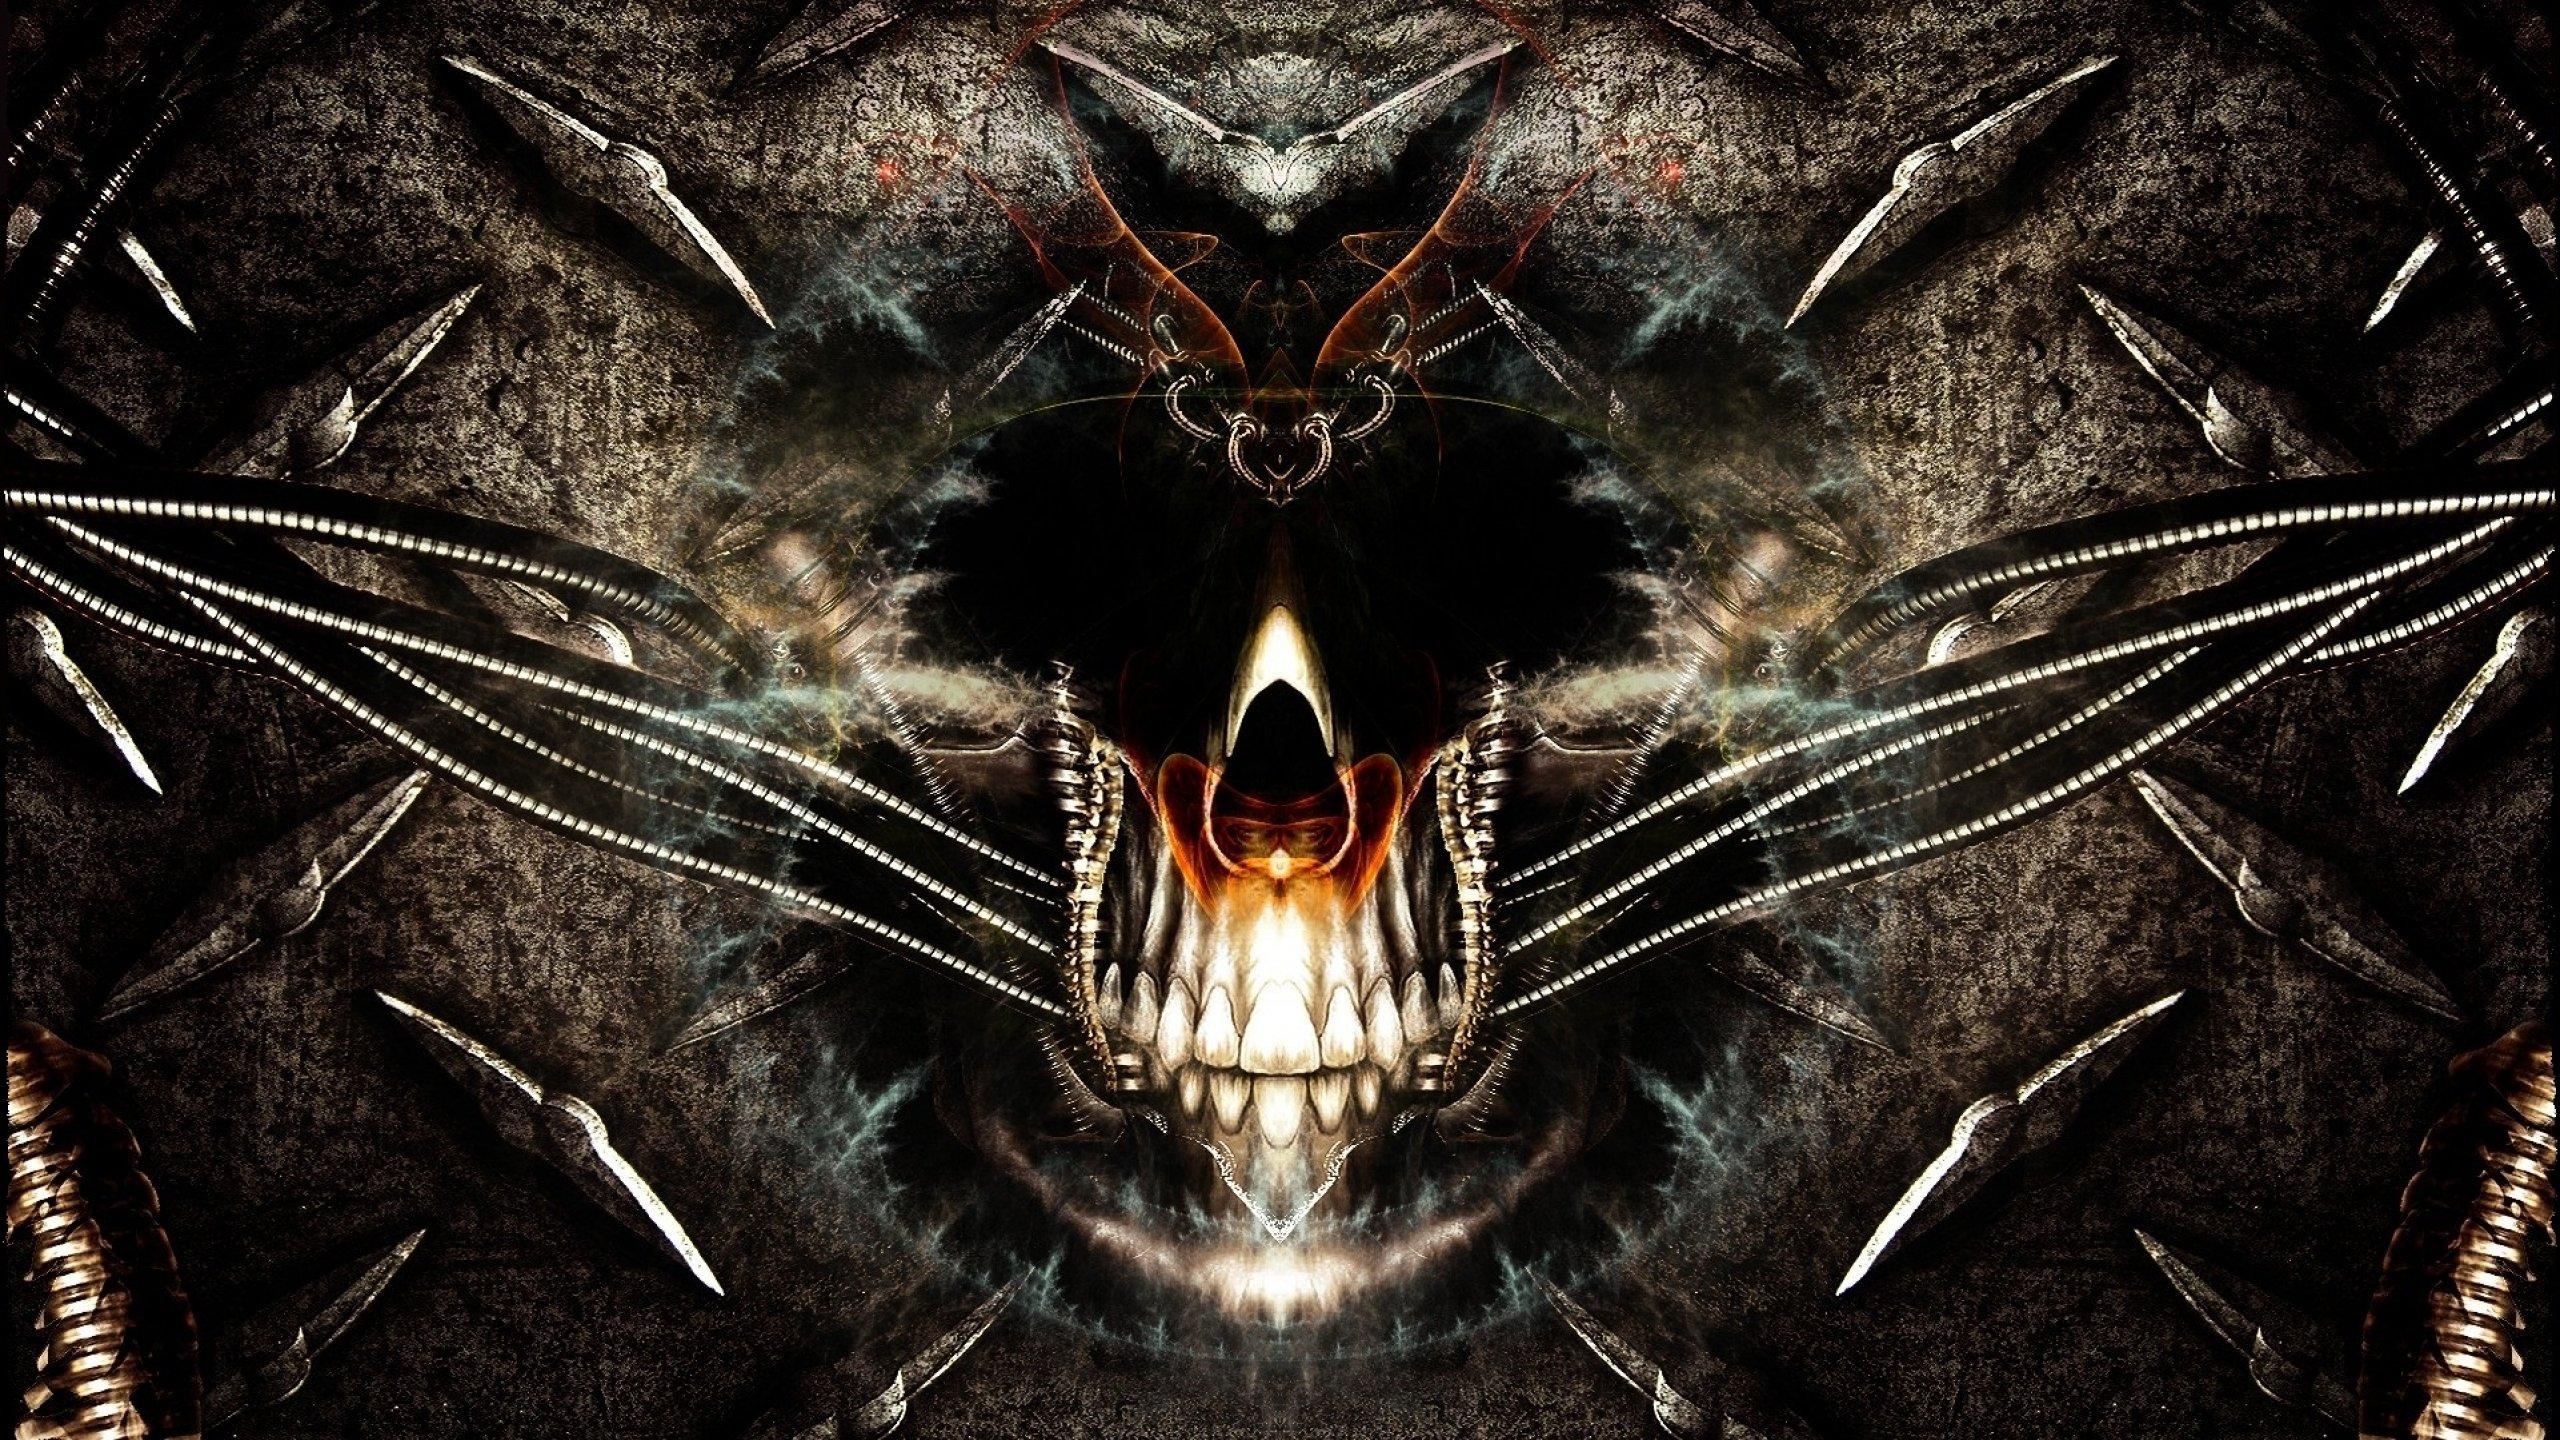 Dark skull evil horror skulls art artwork skeleton d - Scary skull backgrounds ...